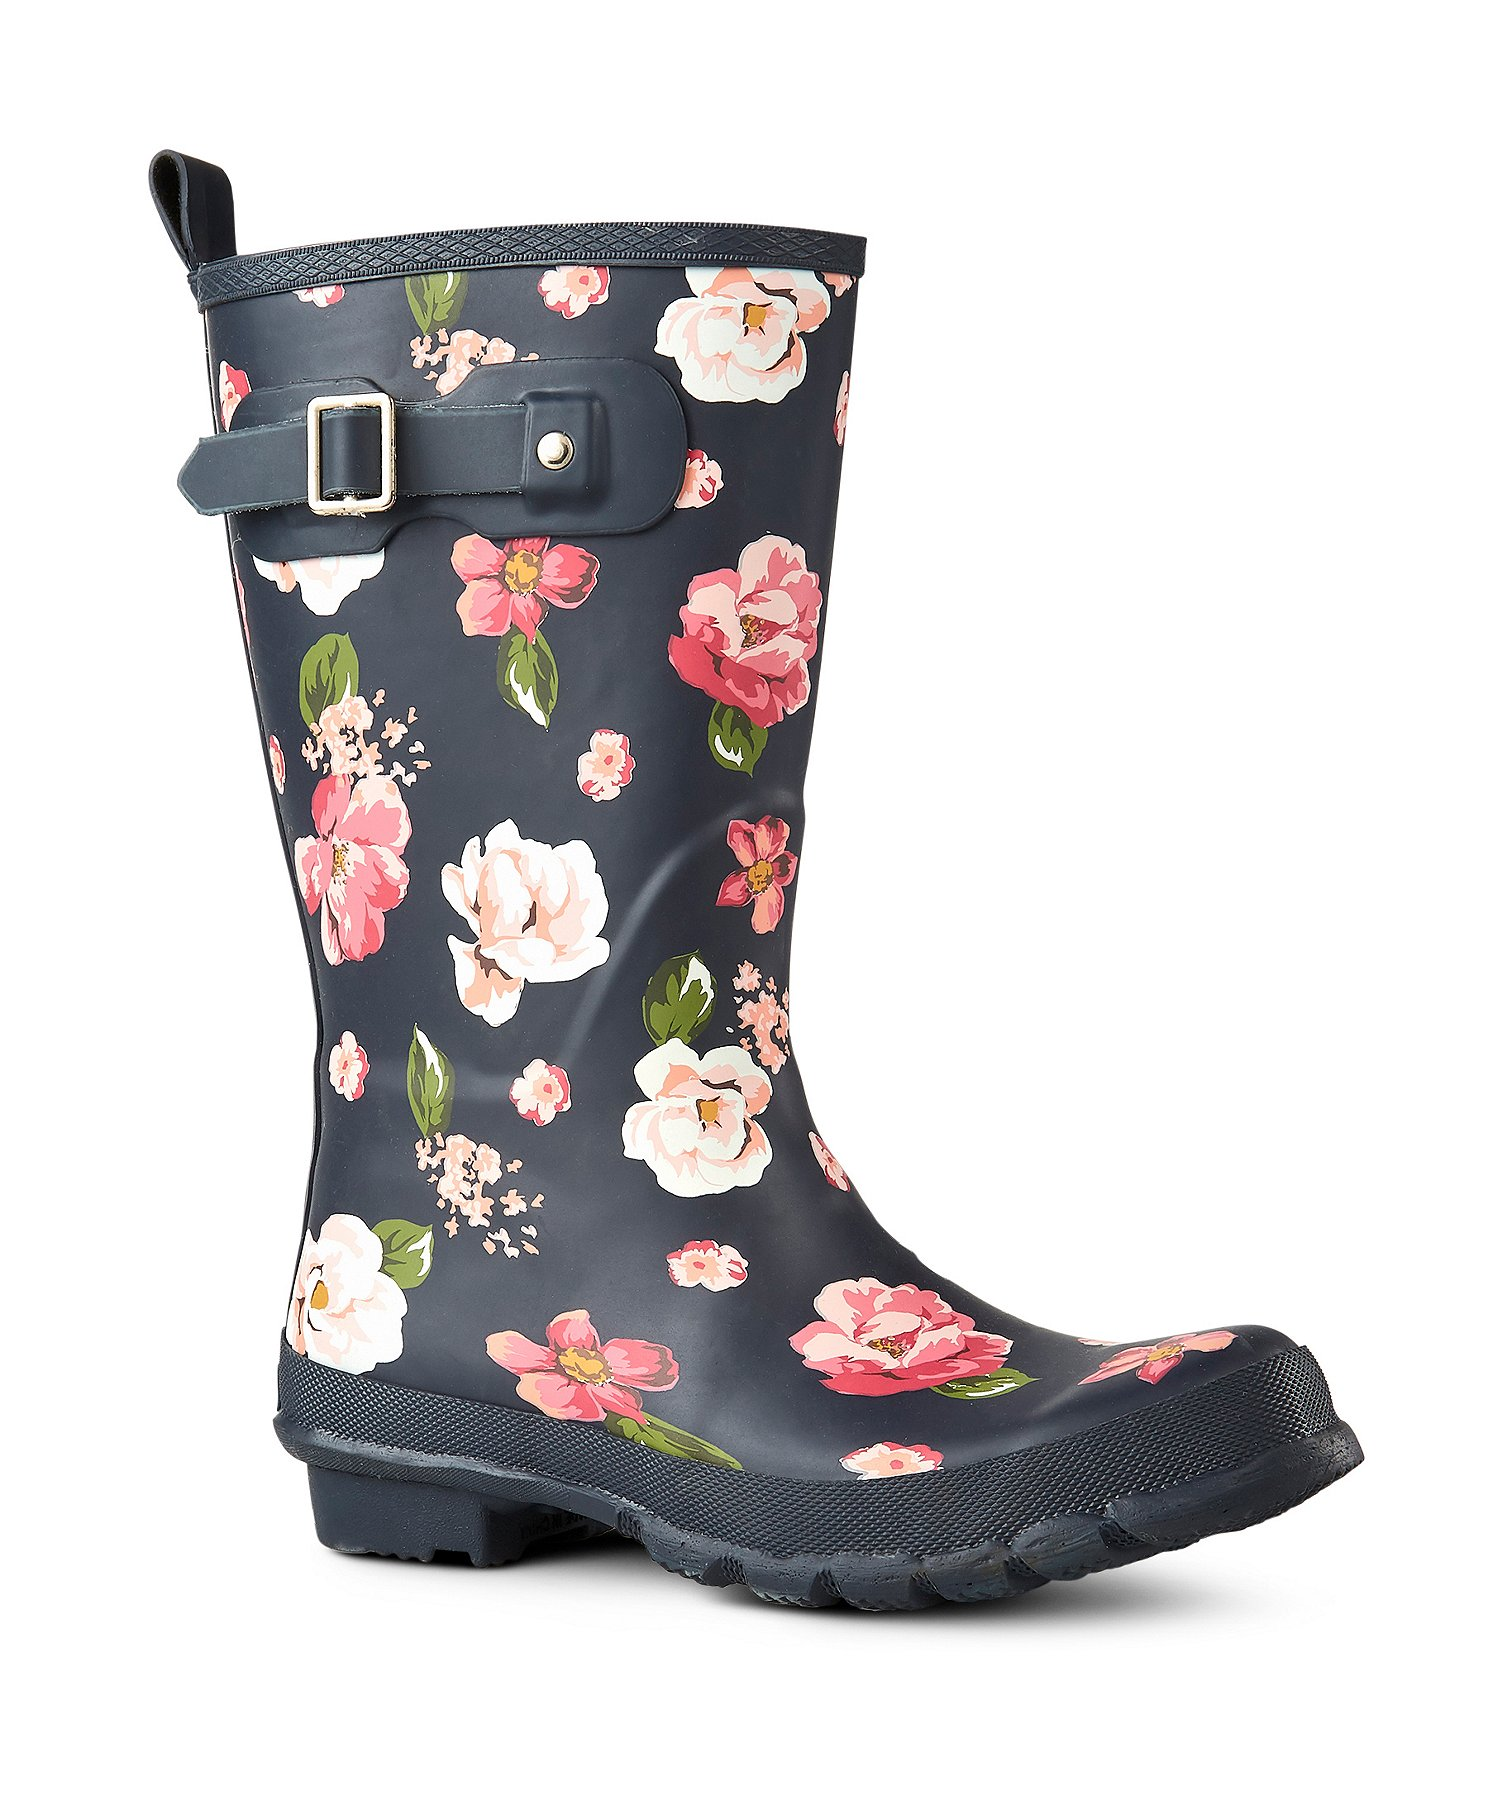 Bottes de pluie mi hautes en caoutchouc pour femmes avec motif floral